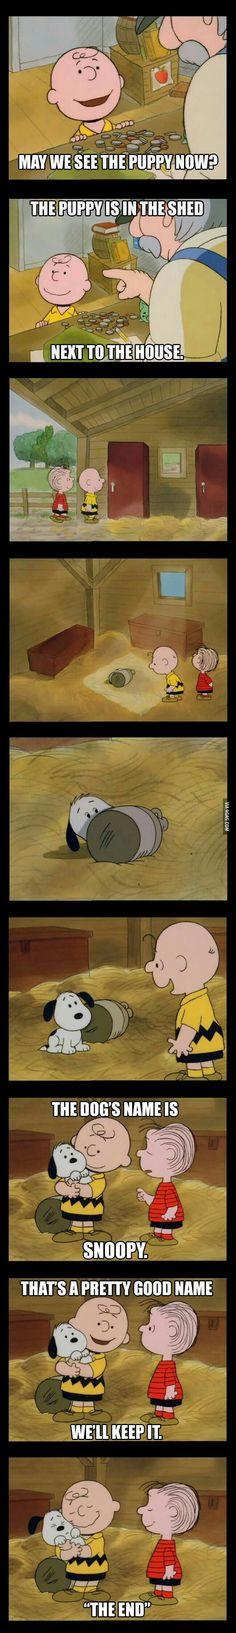 Just thinking...I love Peanuts!